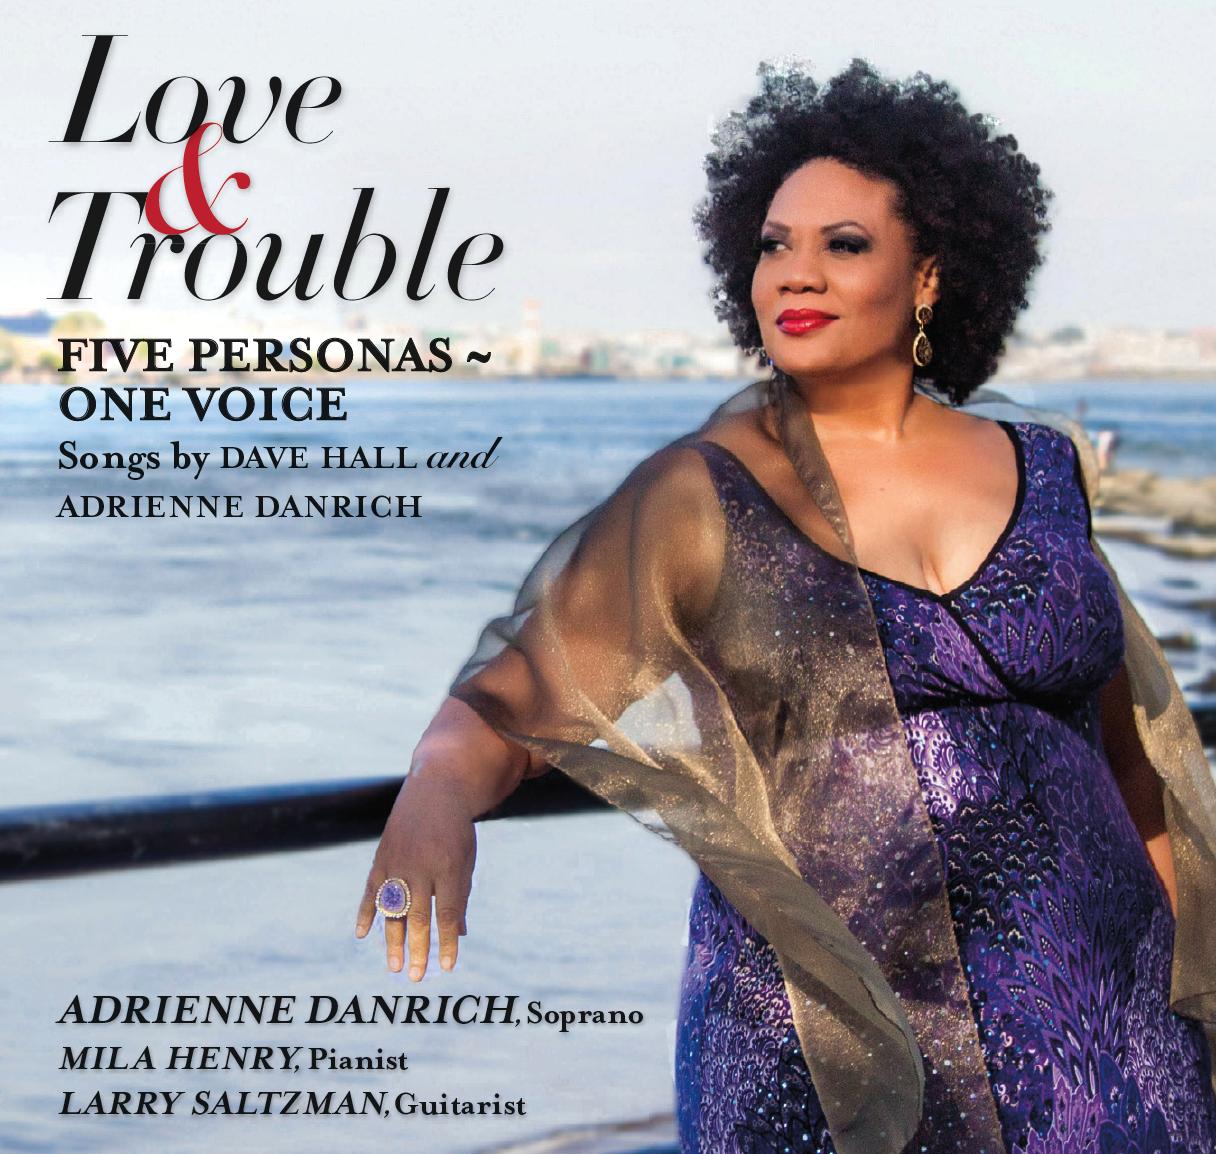 Adrienne Danrich: Love&Trouble